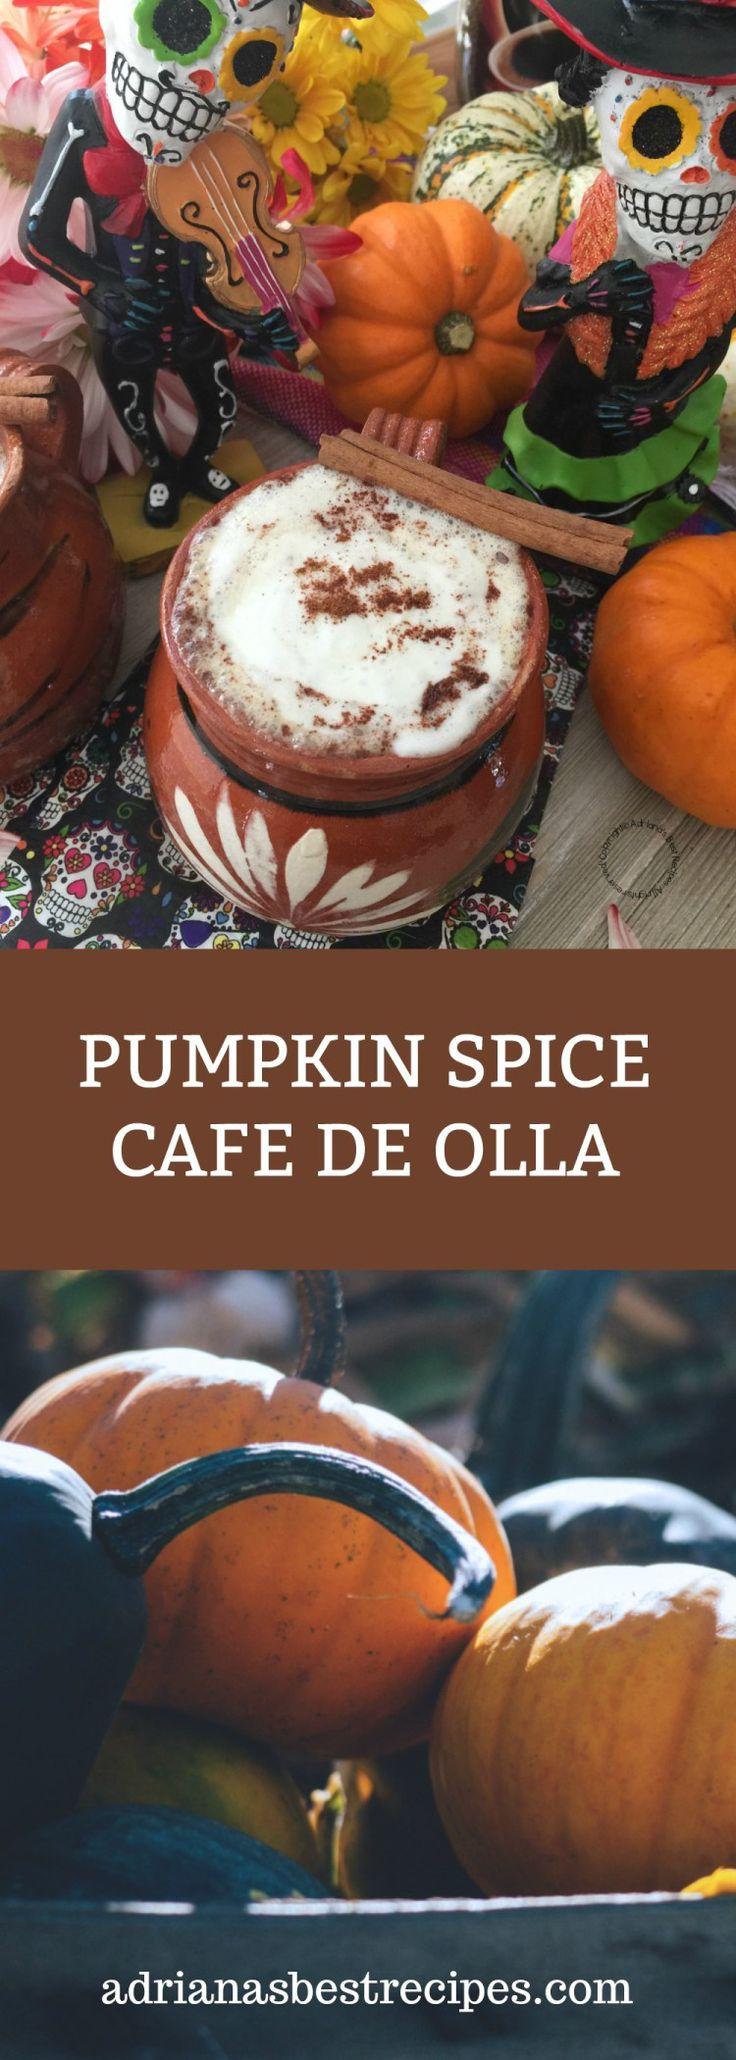 El cafe de olla con especia de calabaza está inspirado en el Pumpkin Spice Cafe Latte